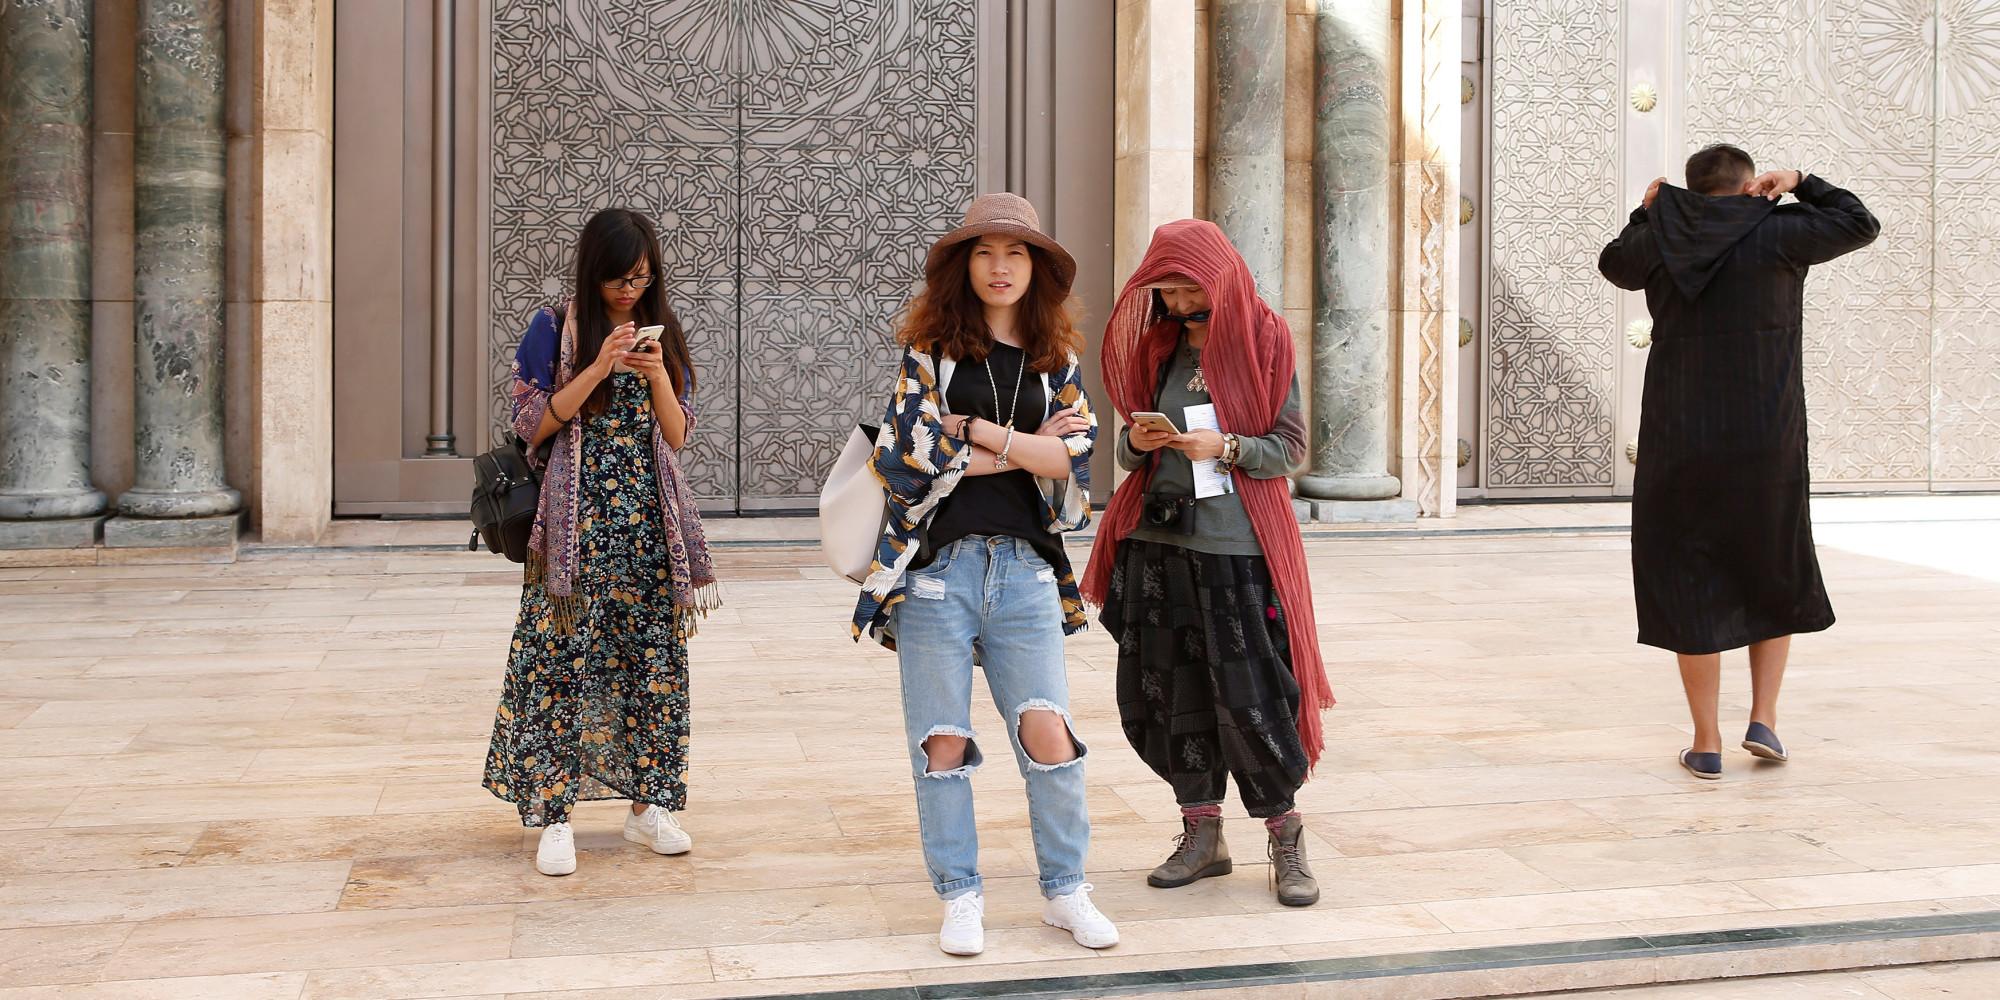 Le secteur touristique enregistre de bons résultats